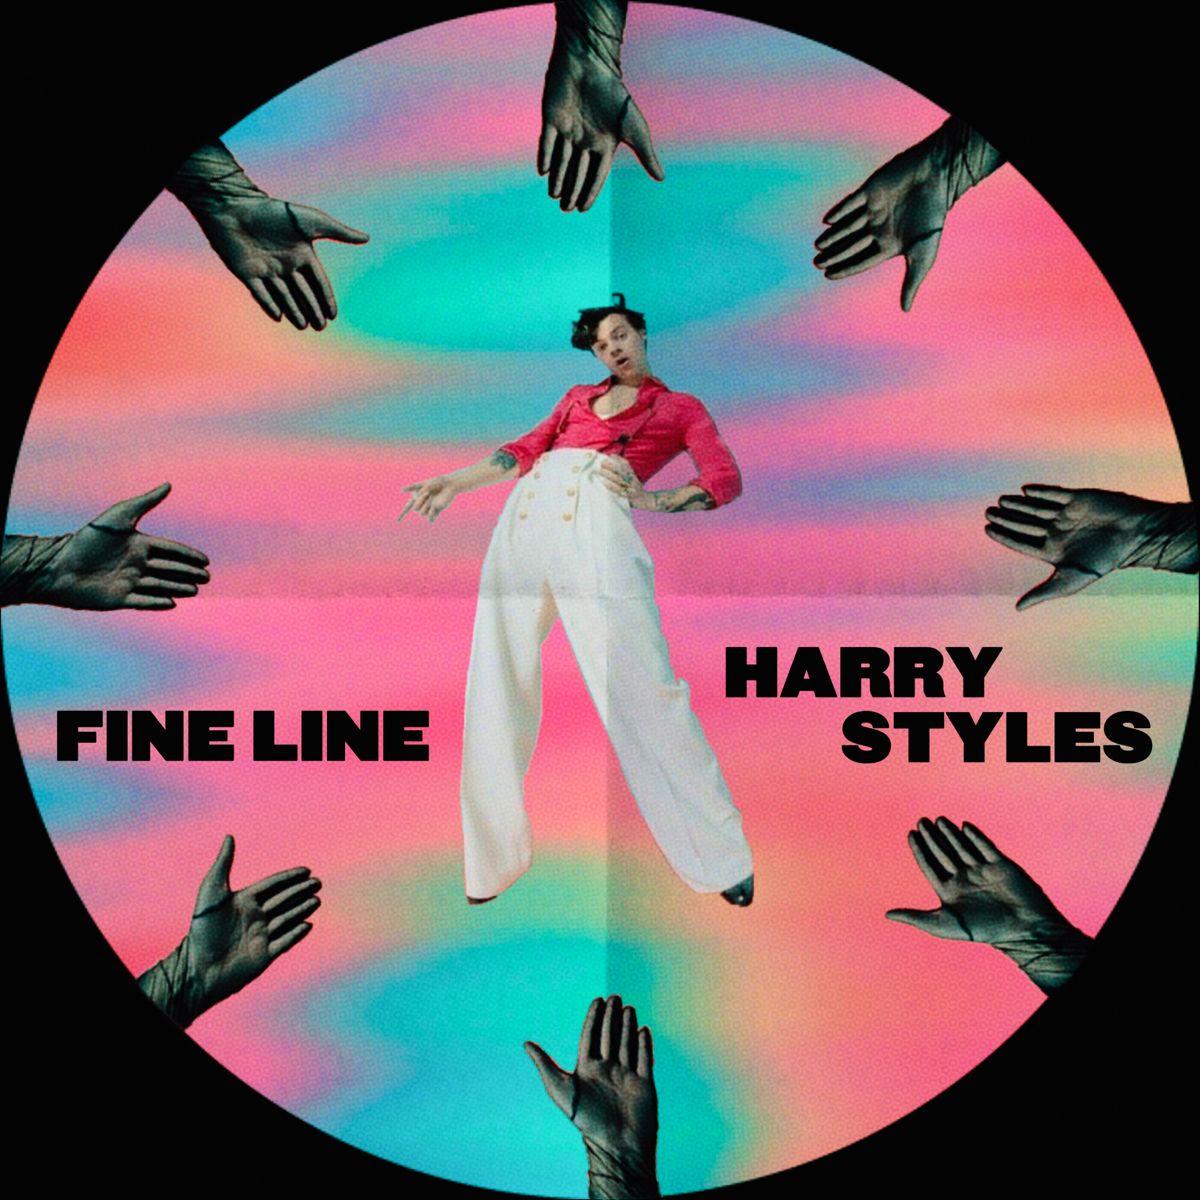 printable harry styles fine line